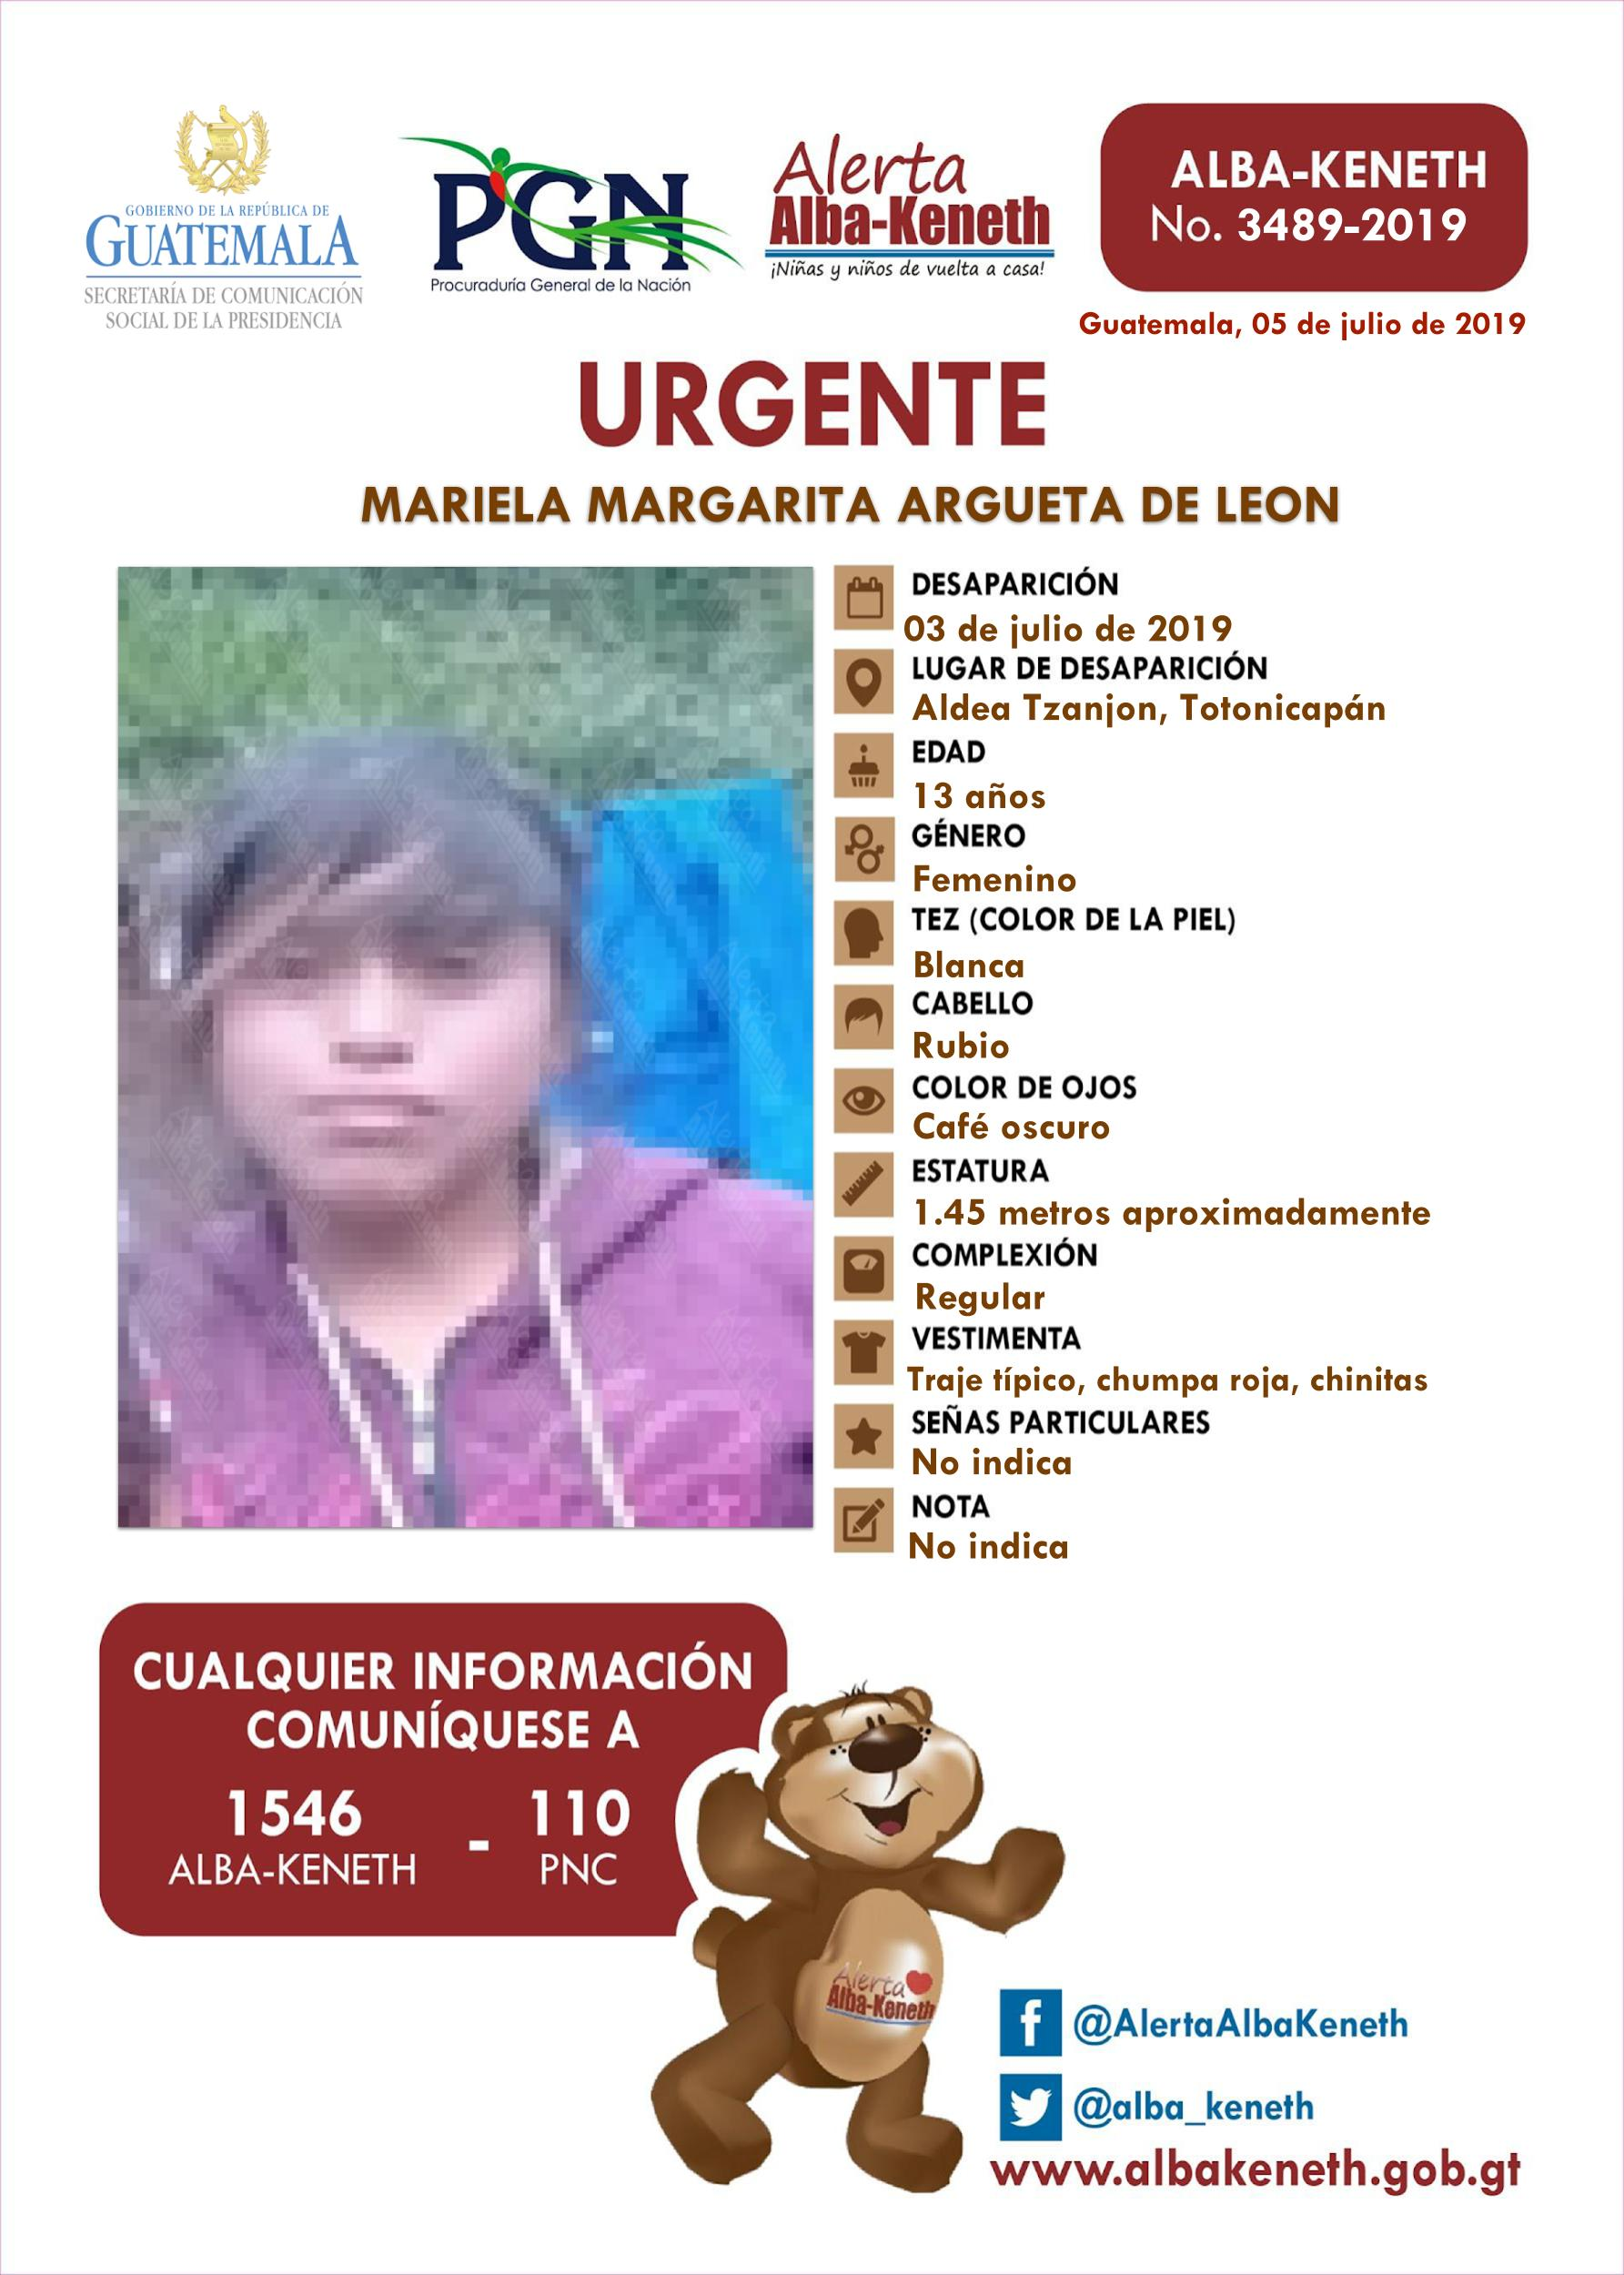 Mariela Margarita Argueta de Leon